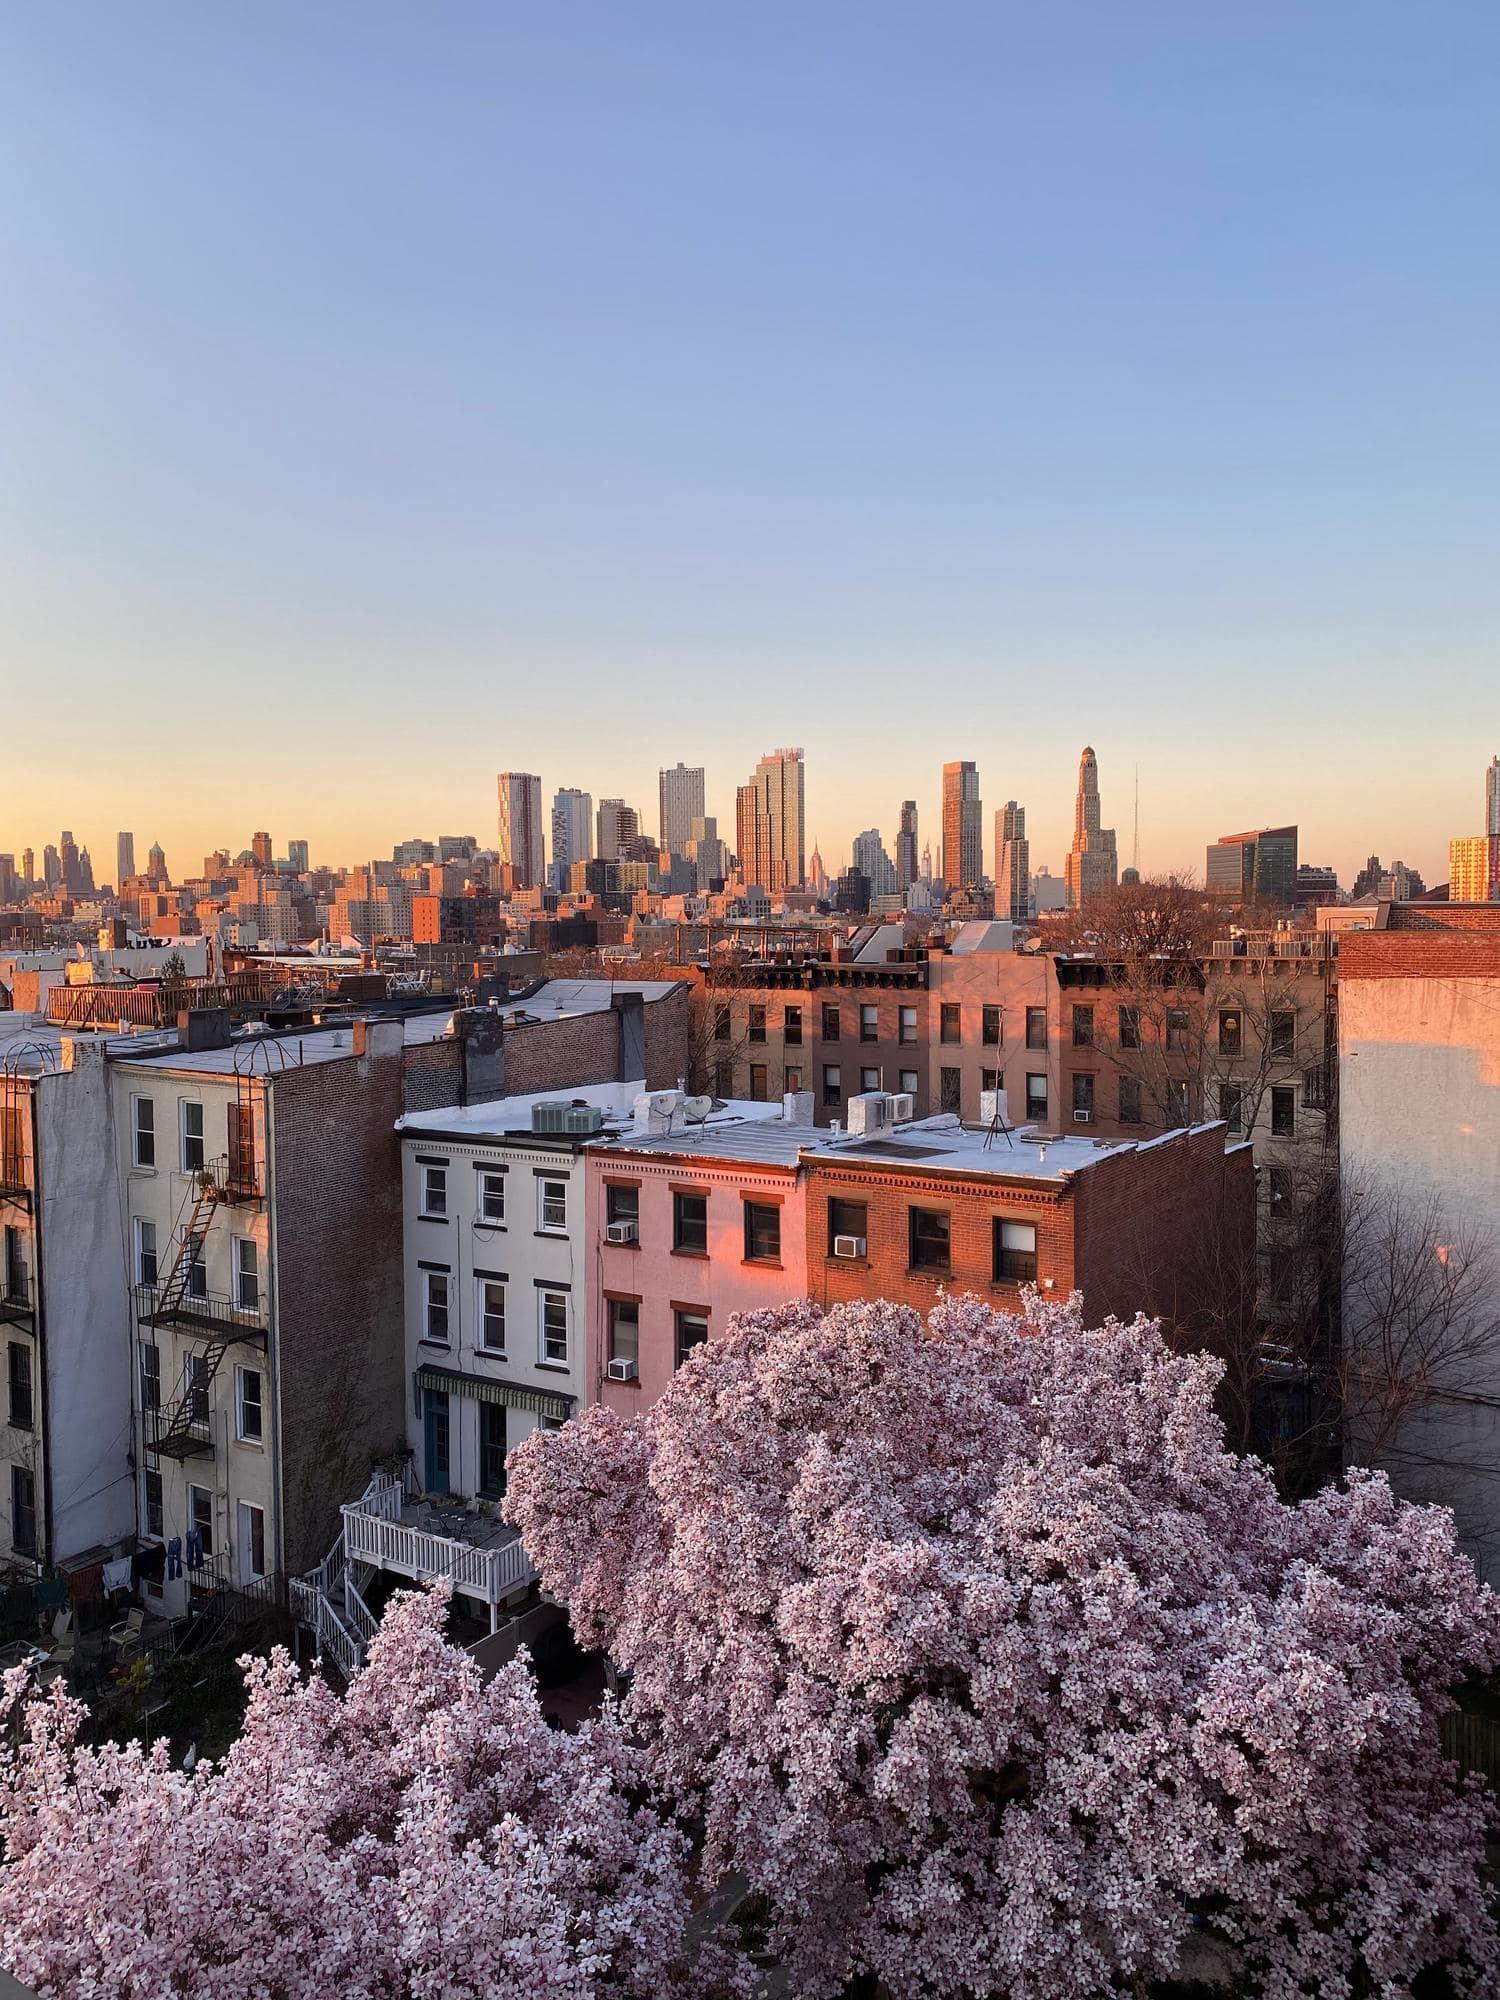 Ciudad en primavera con árboles en flor